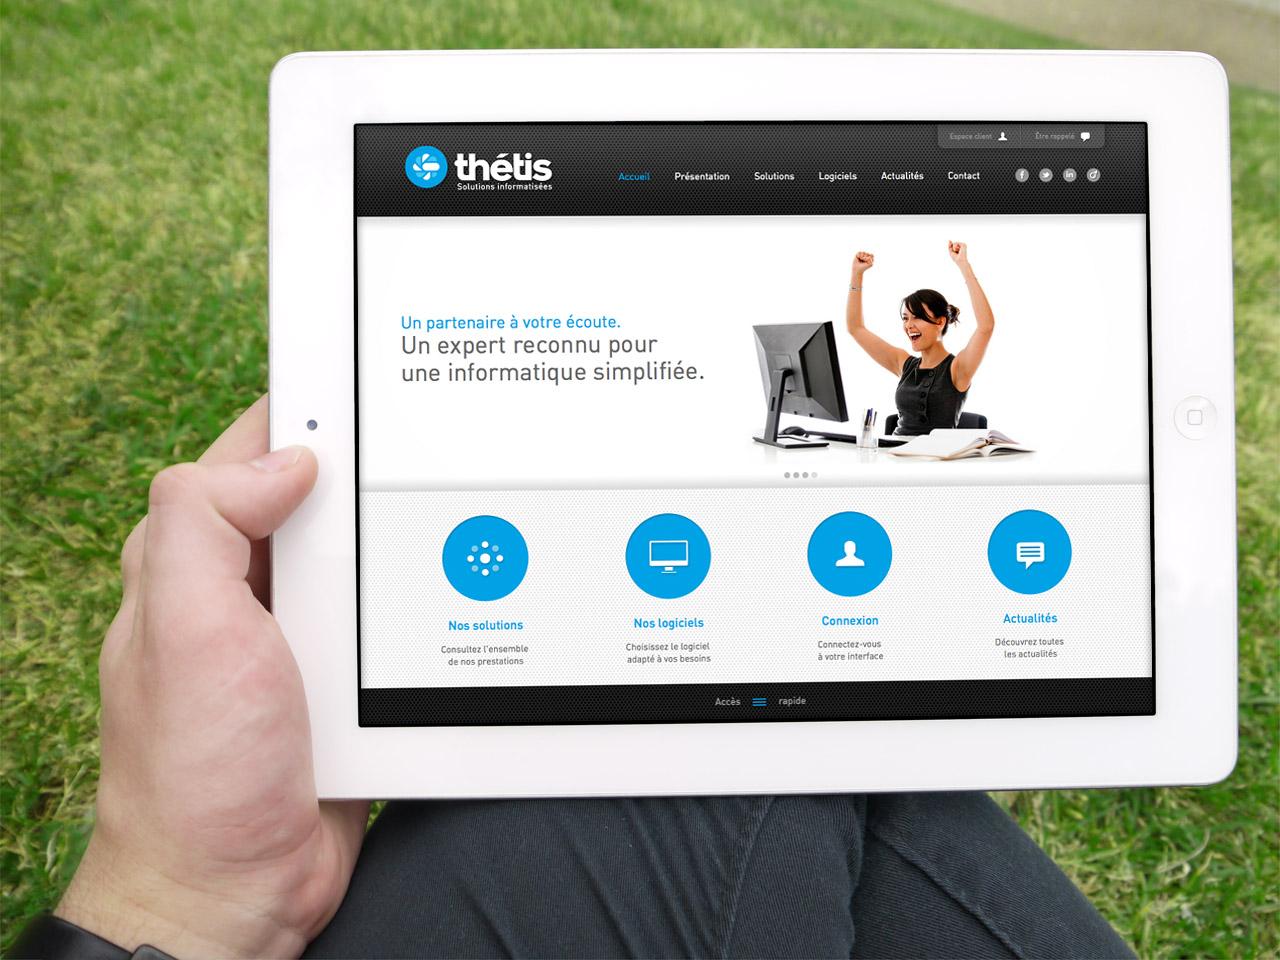 thetis-site-internet-tablette-creation-communication-caconcept-alexis-cretin-graphiste